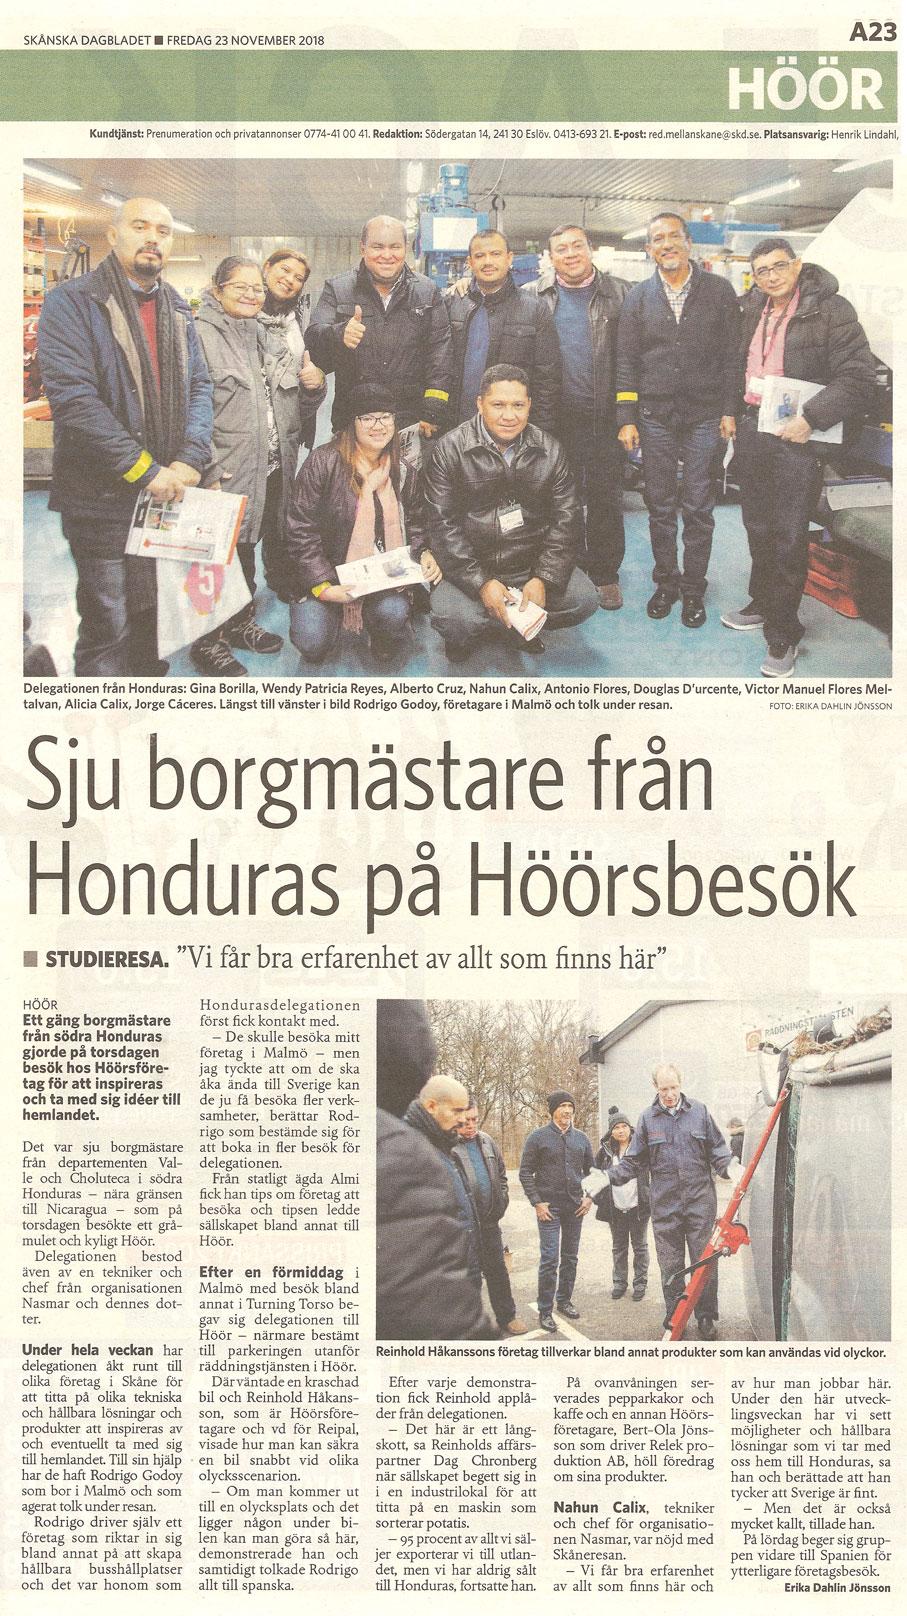 RELEK får ofta besök av näringslivschefer, politiker, kollegor i branschen och ibland extra långväga gäster Artikel om RELEK i Skånska Dagbladet